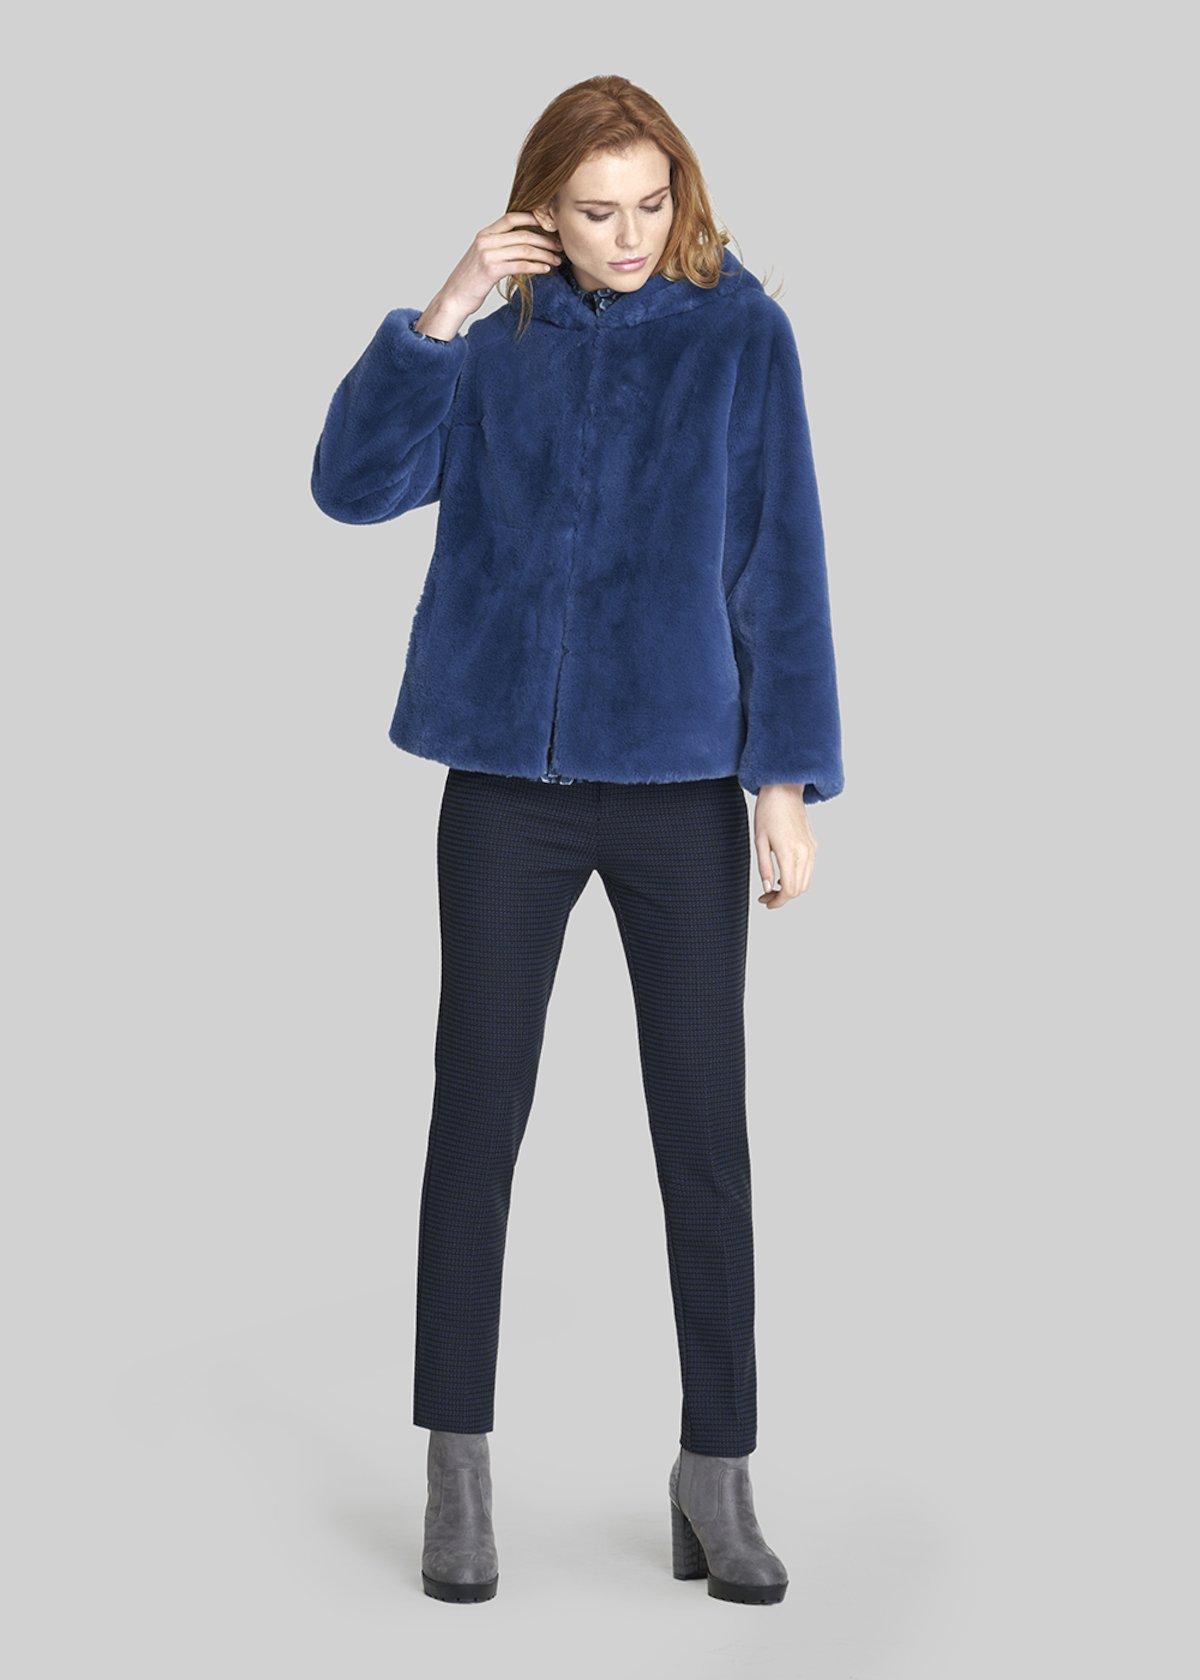 Pablo trousers Kate model - Black / Blue Fantasia